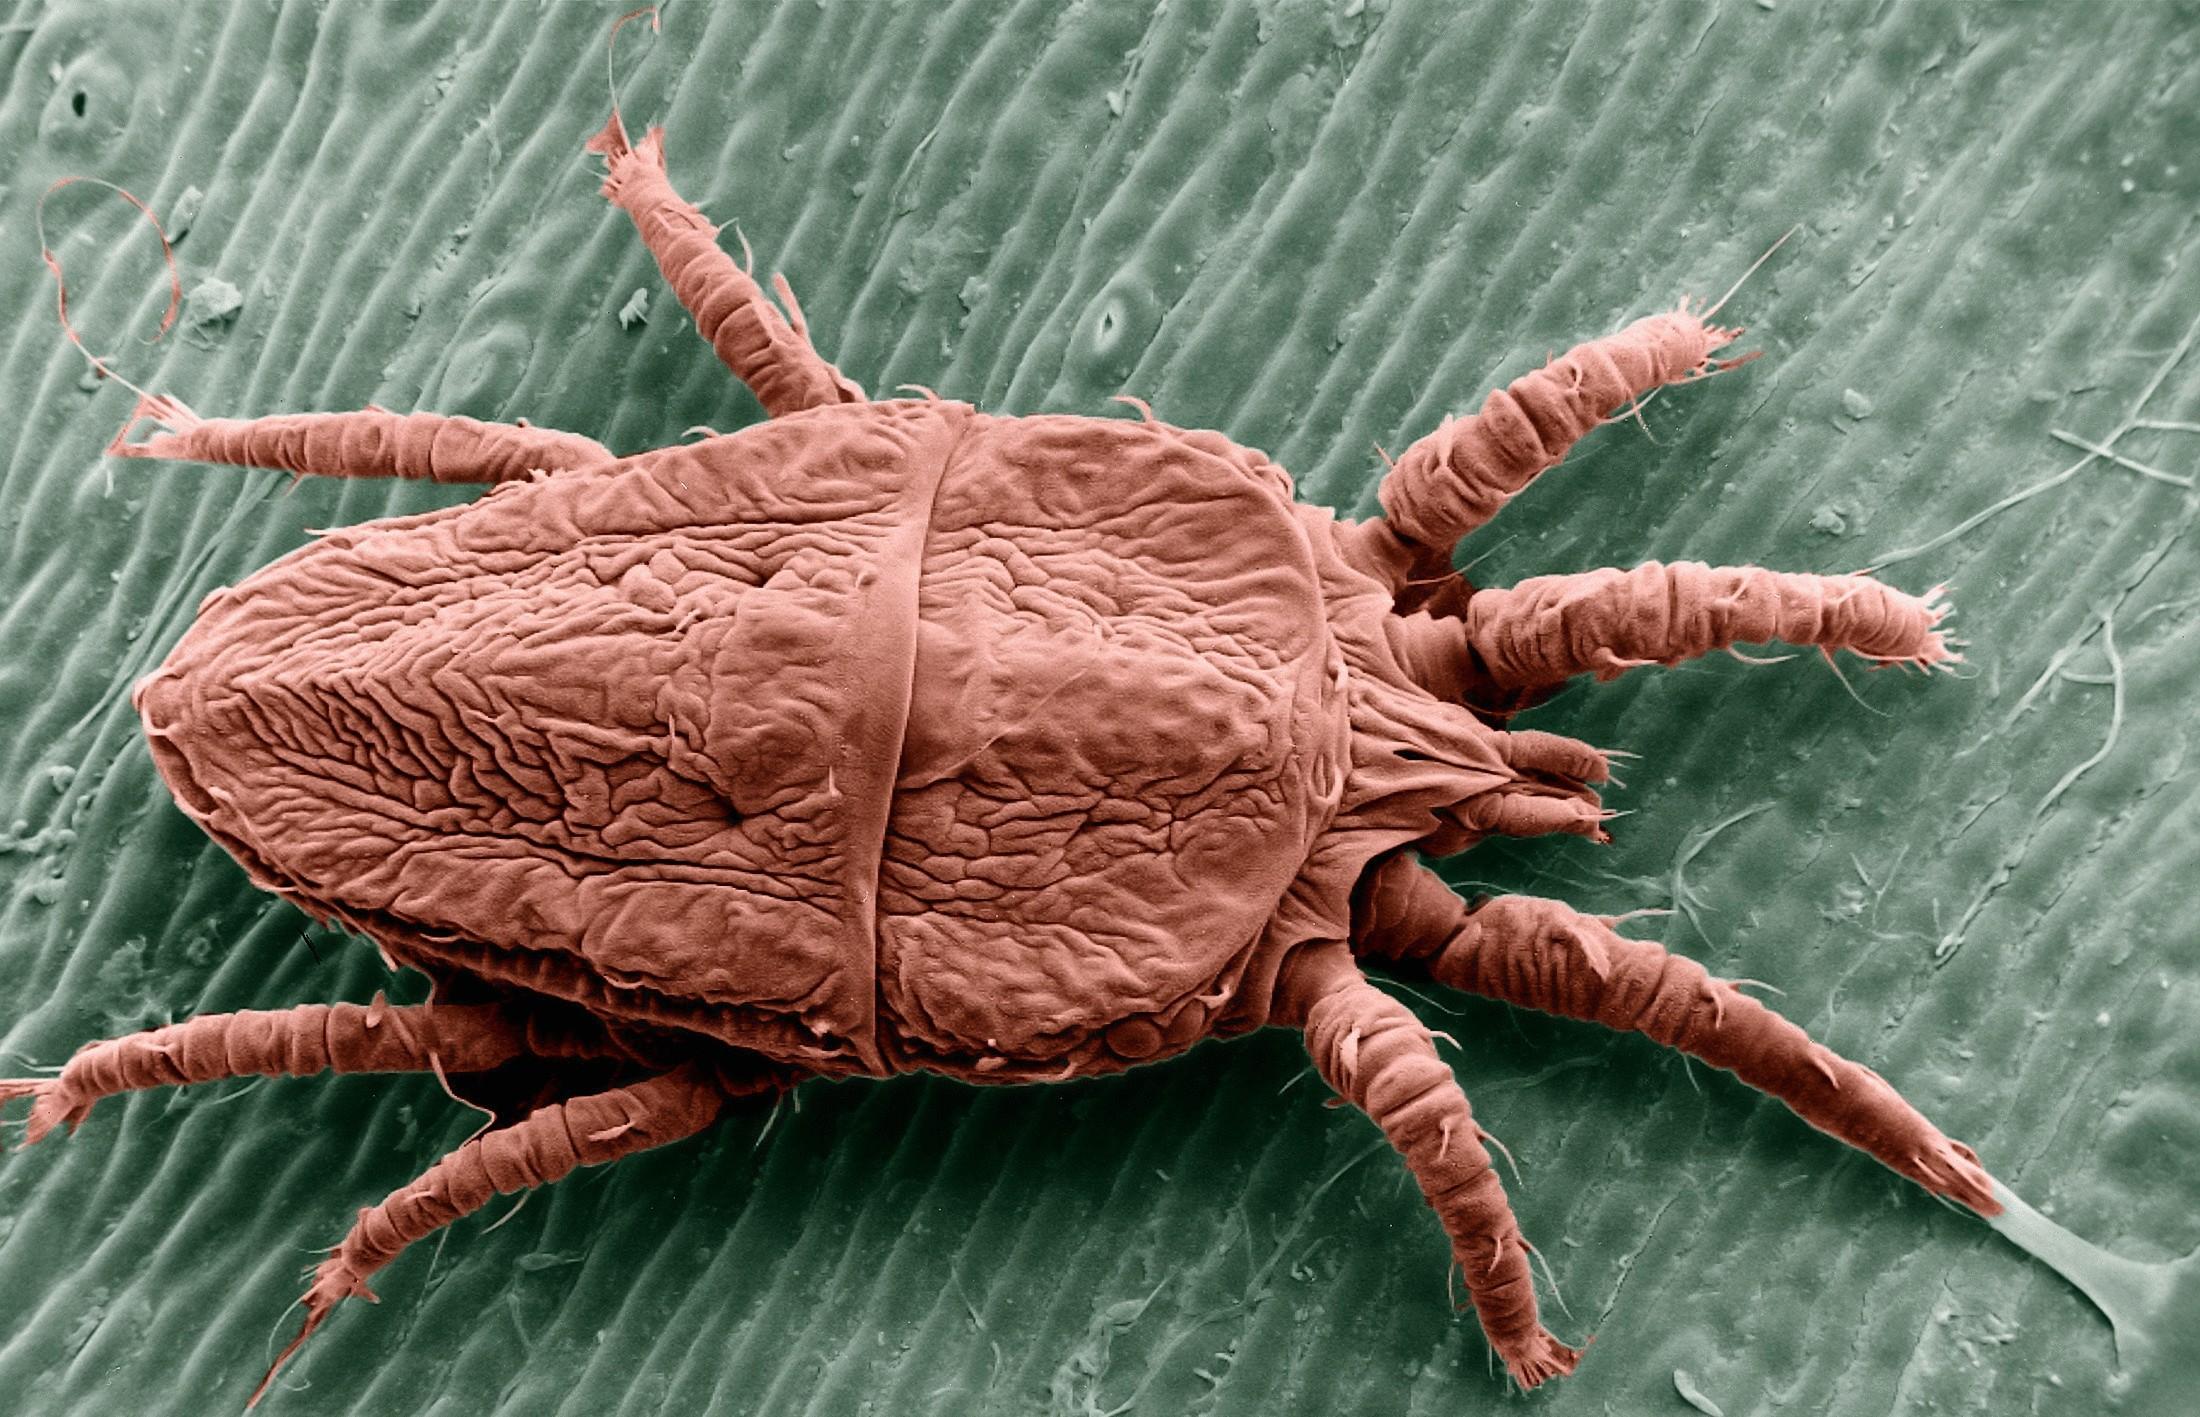 чем опасны паразиты в организме